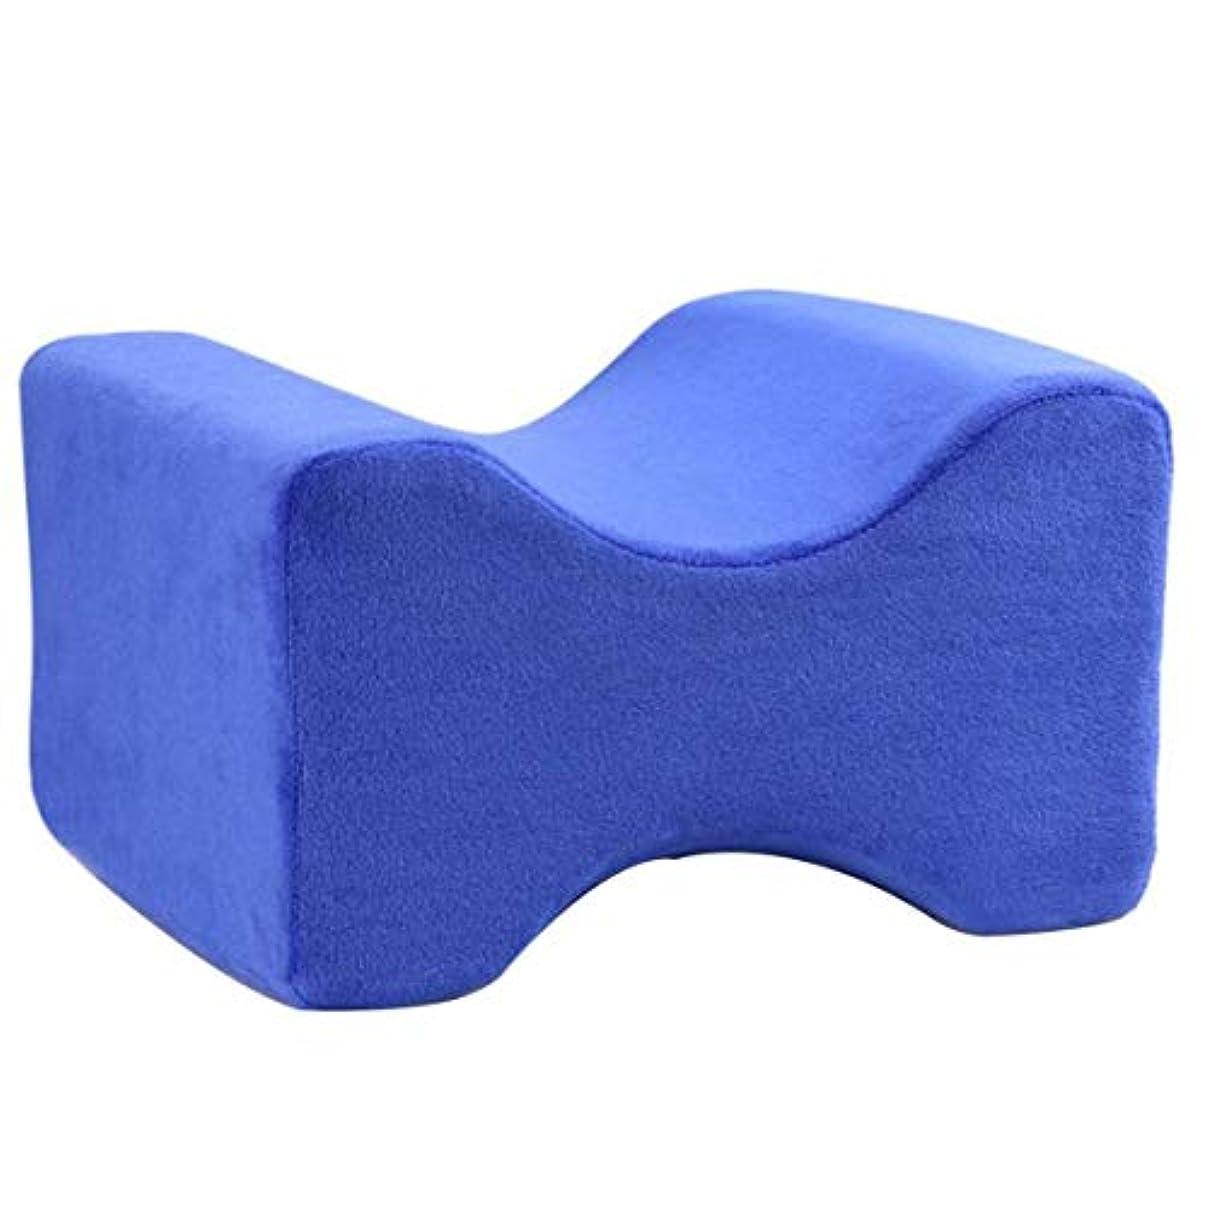 ローストオレンジ単位Intercoreyソフト枕膝枕クリップ足低反発ウェッジ遅いリバウンド低反発綿クランプマッサージ枕用男性女性